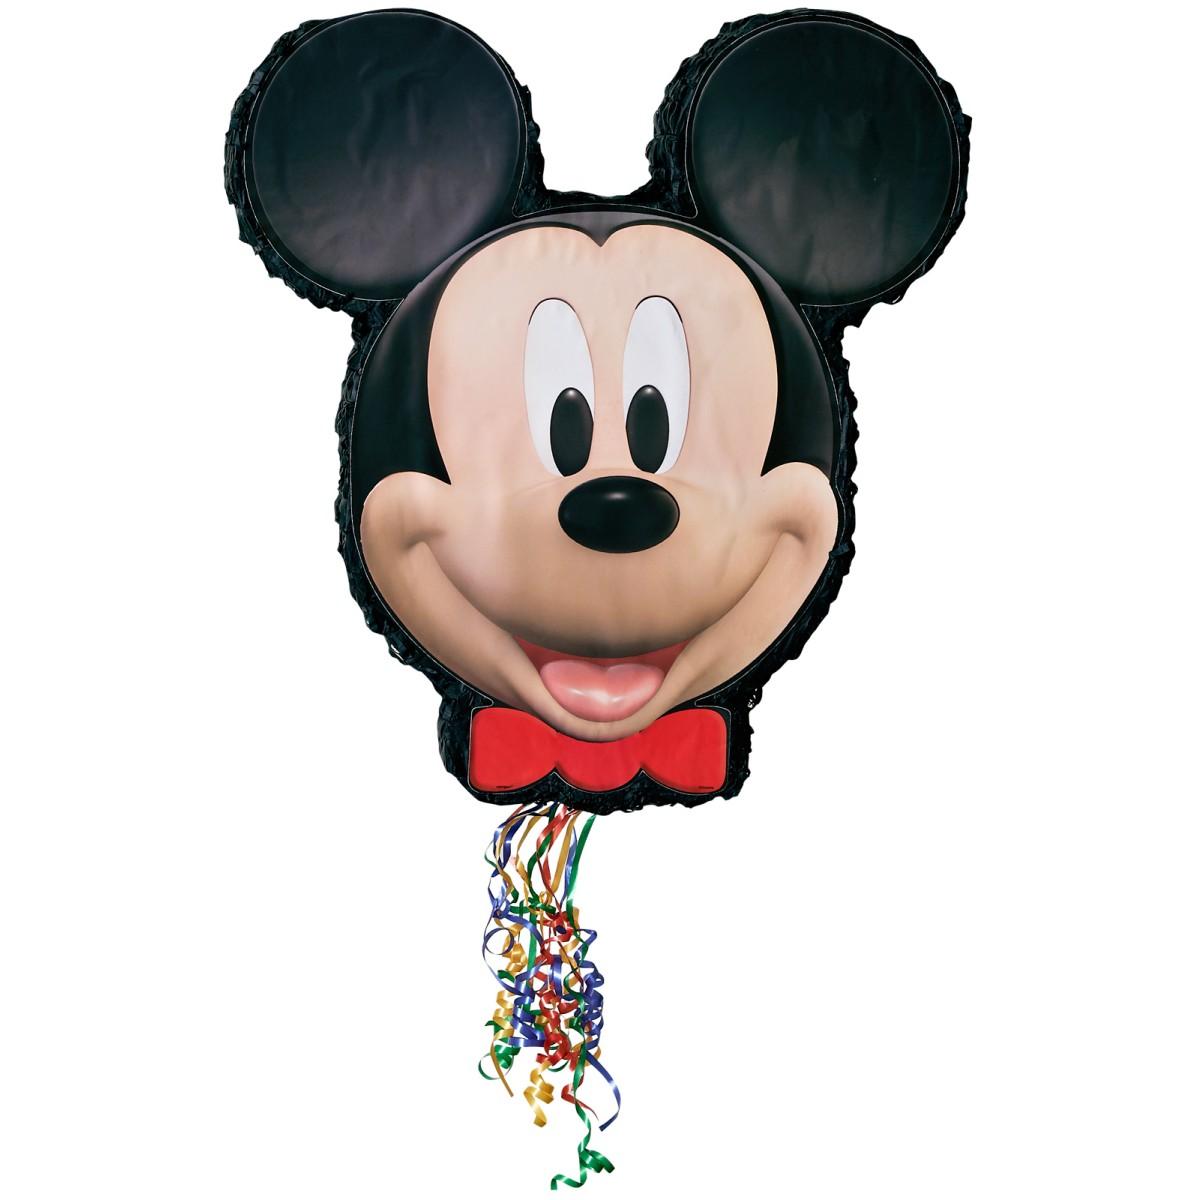 de mickey mouse - photo #19